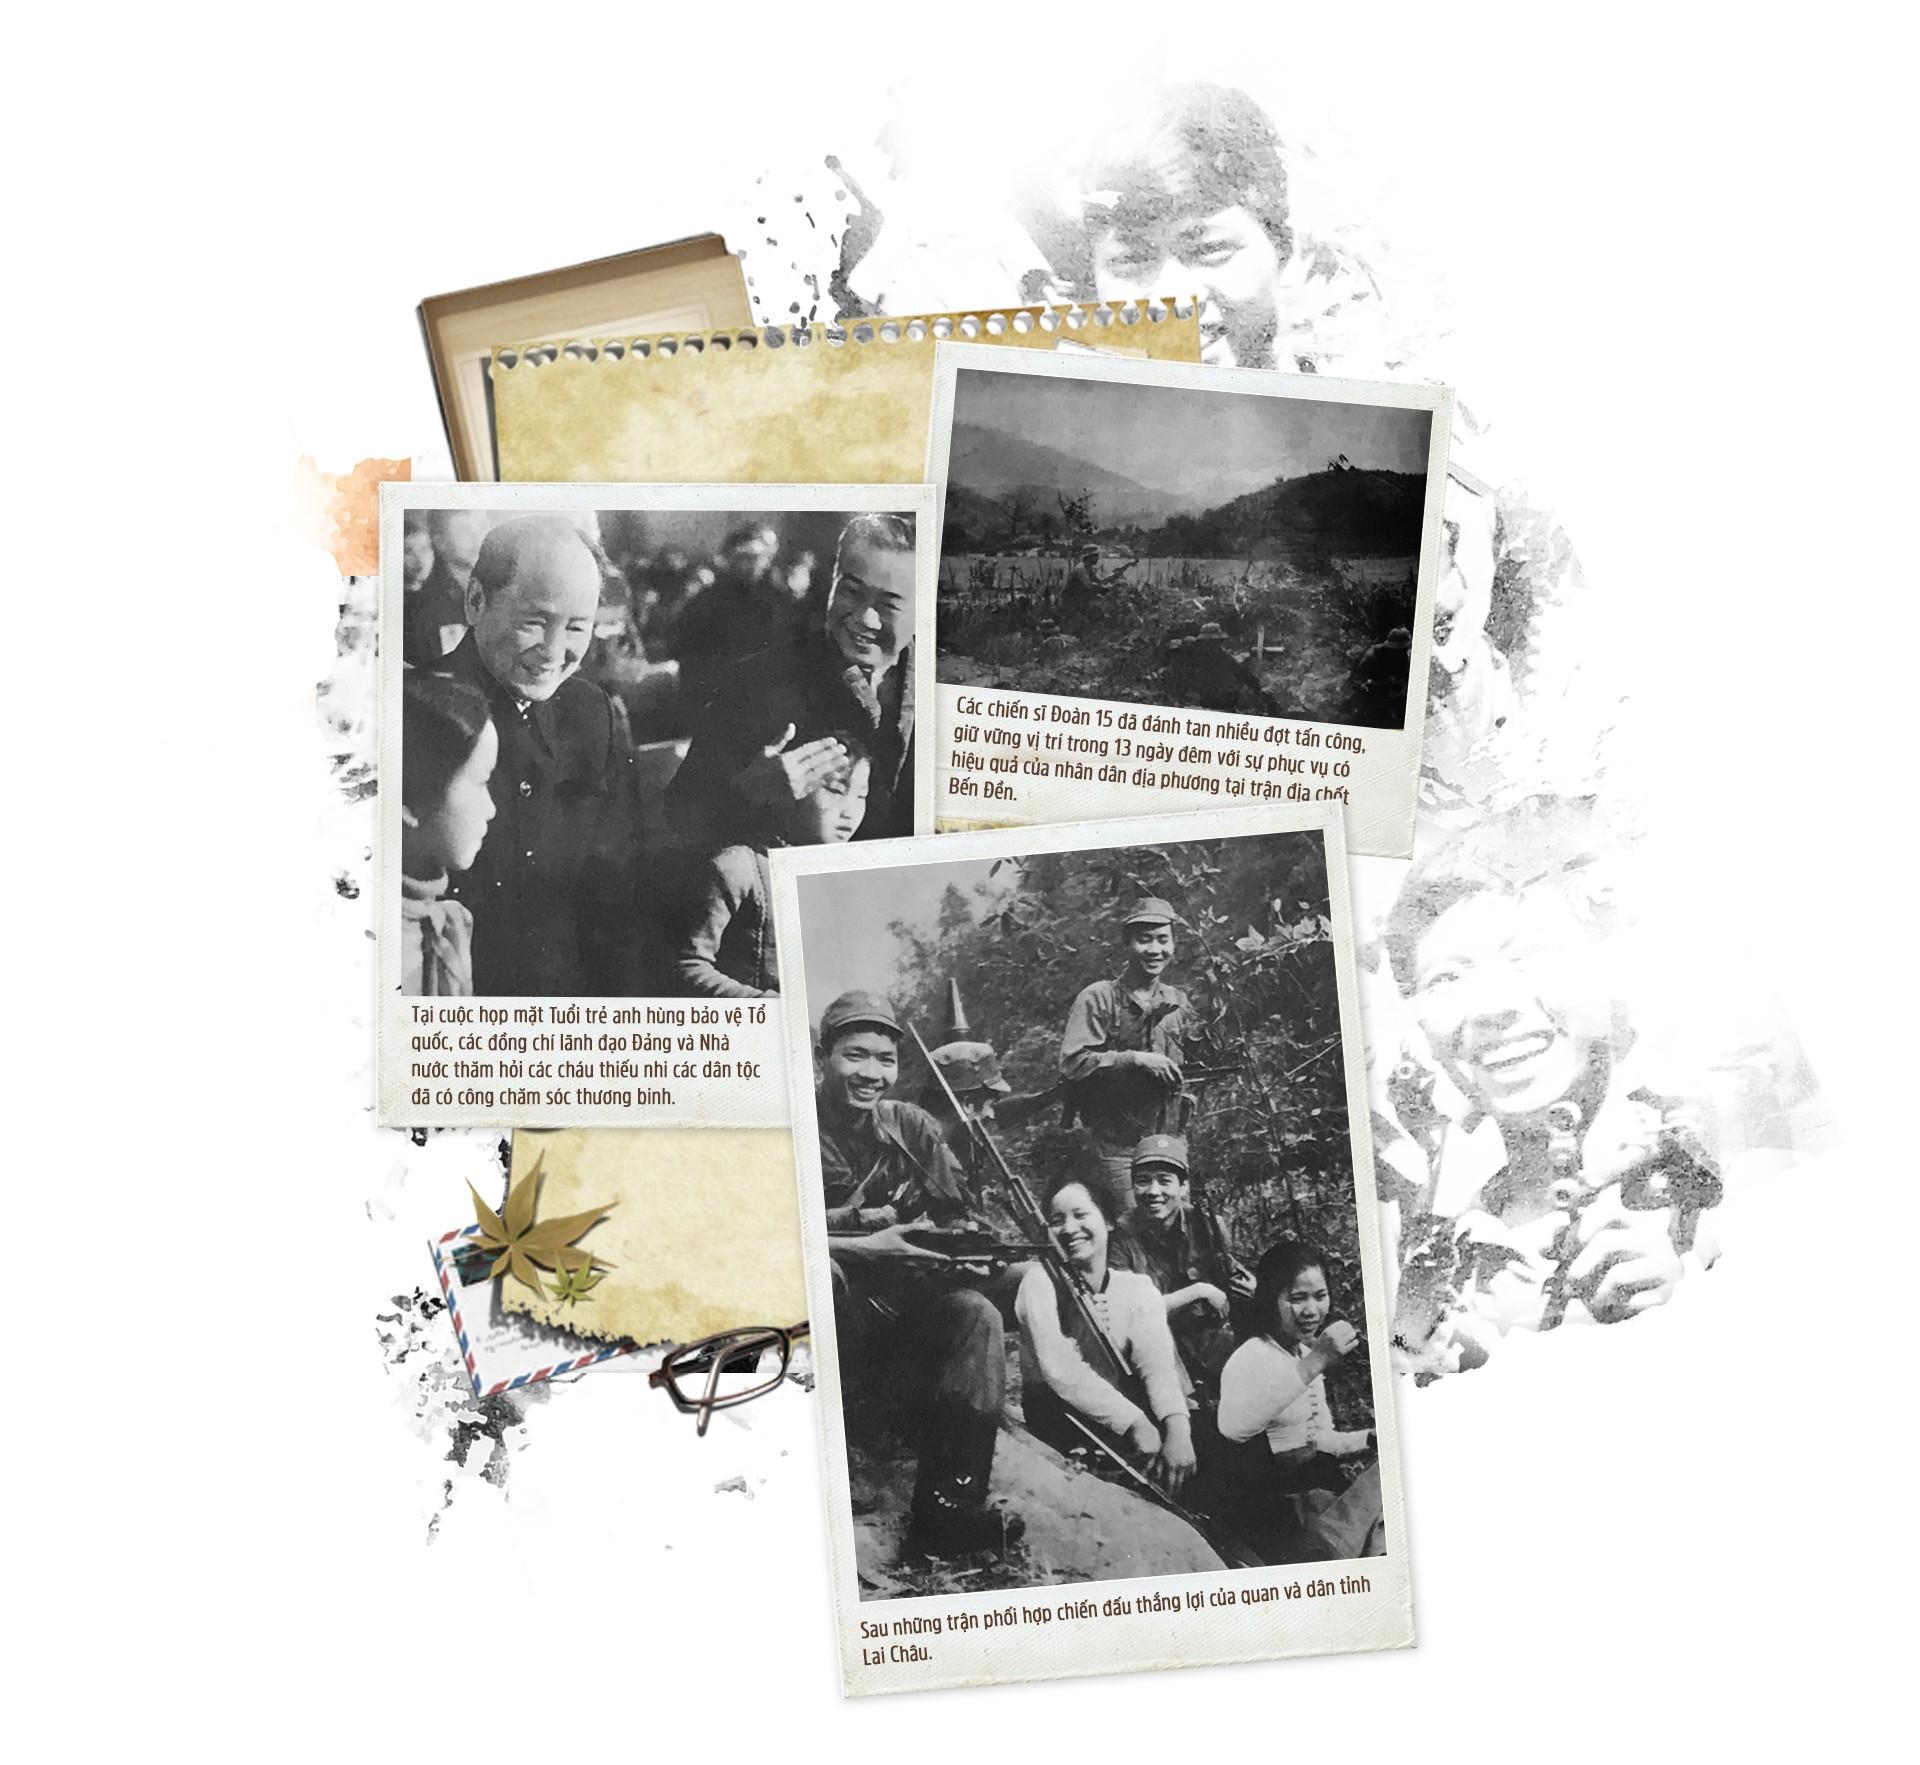 Xúc động những bức ảnh giữa chiến trường biên giới 1979 - Ảnh 3.